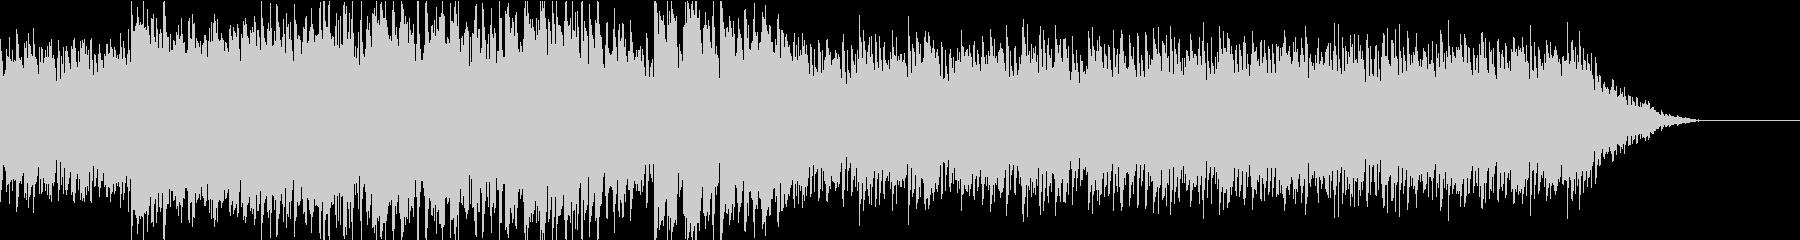 スピード感のある重低音bgmの未再生の波形